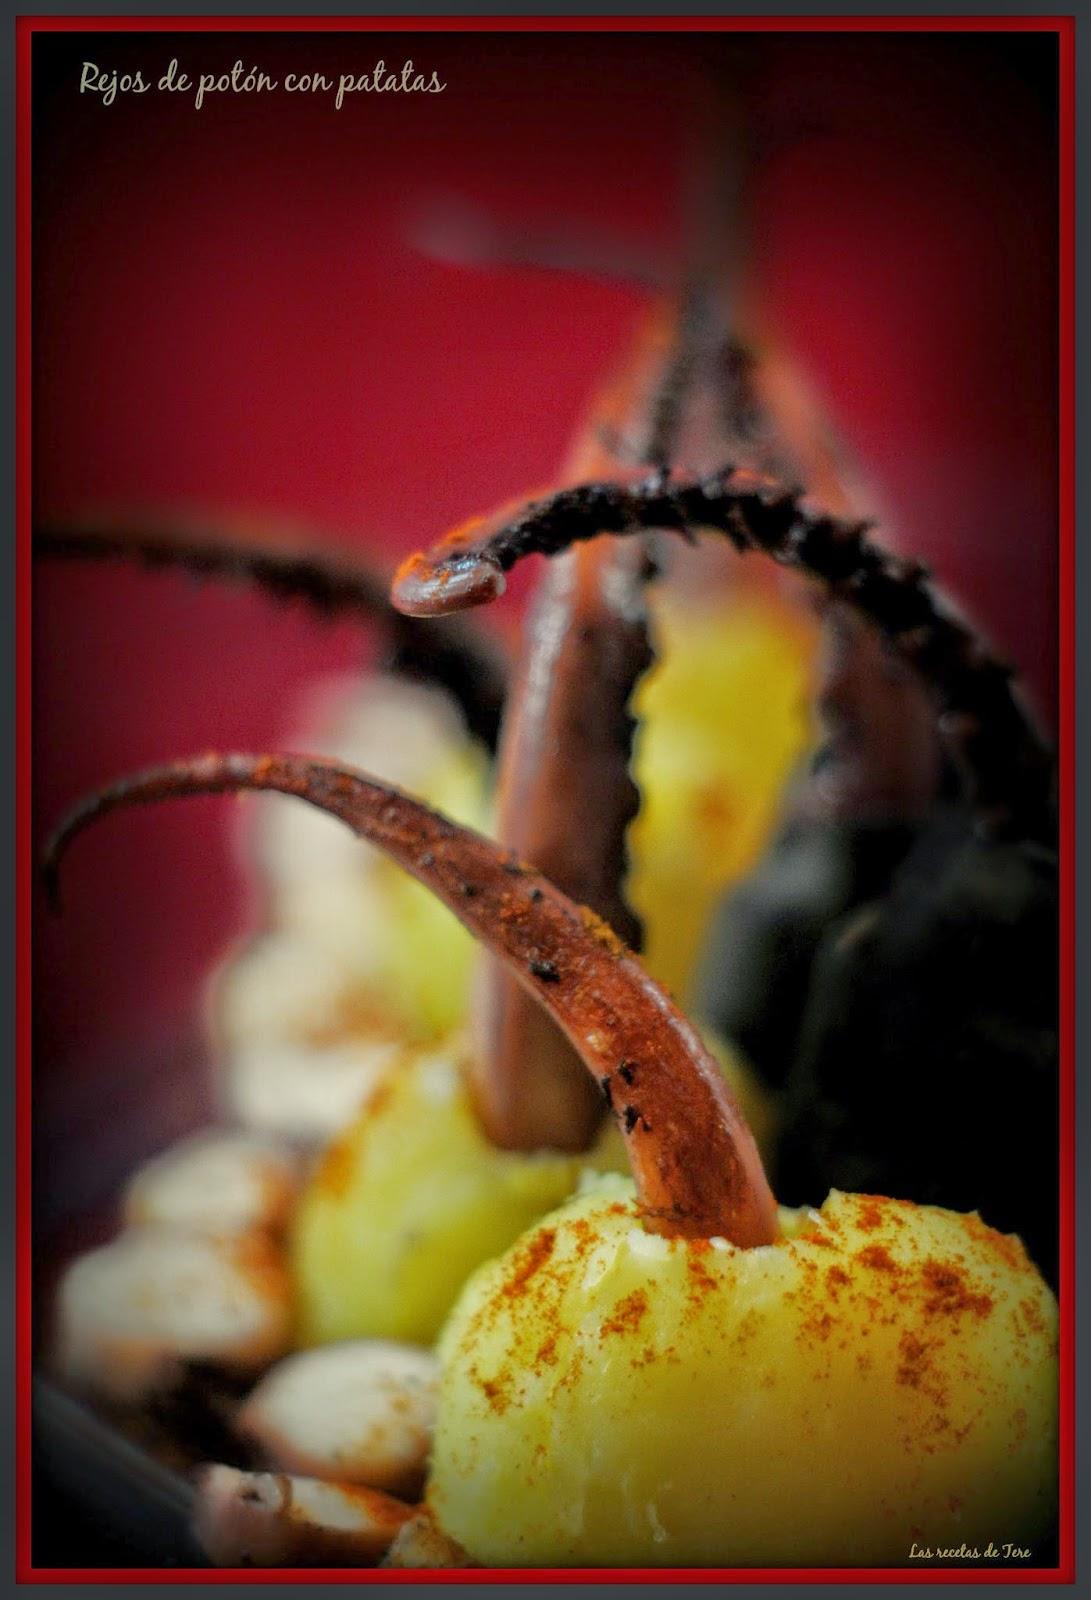 rejos de potón con patatas tererecetas 02